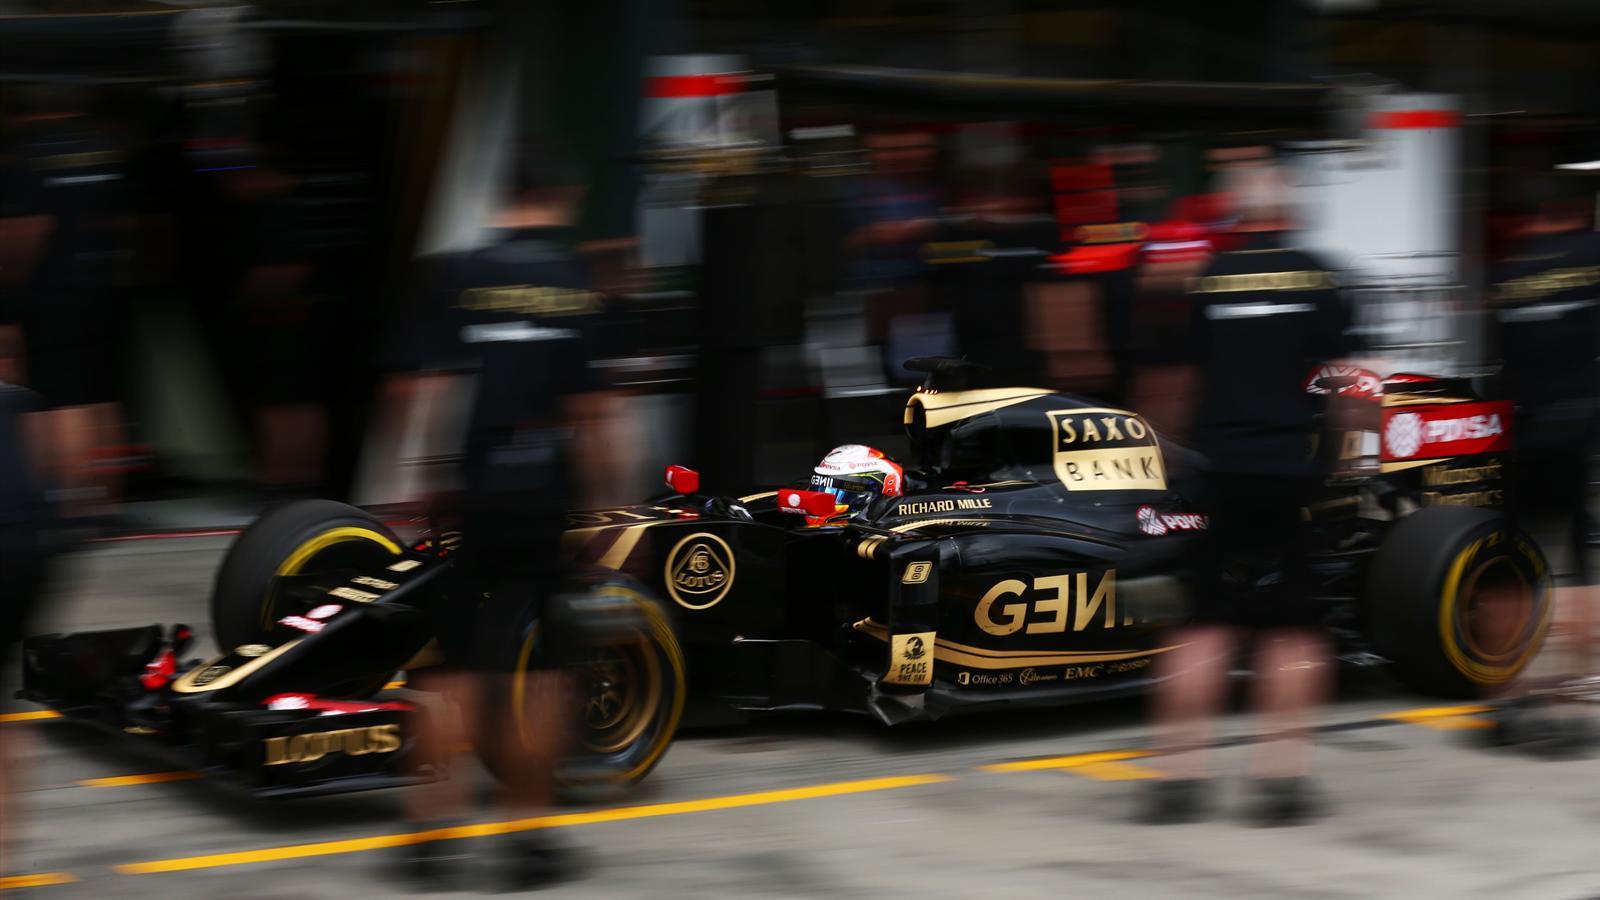 Spécial Sebastian Vettel (Formule un) - Page 12 1435560-30708094-1600-900